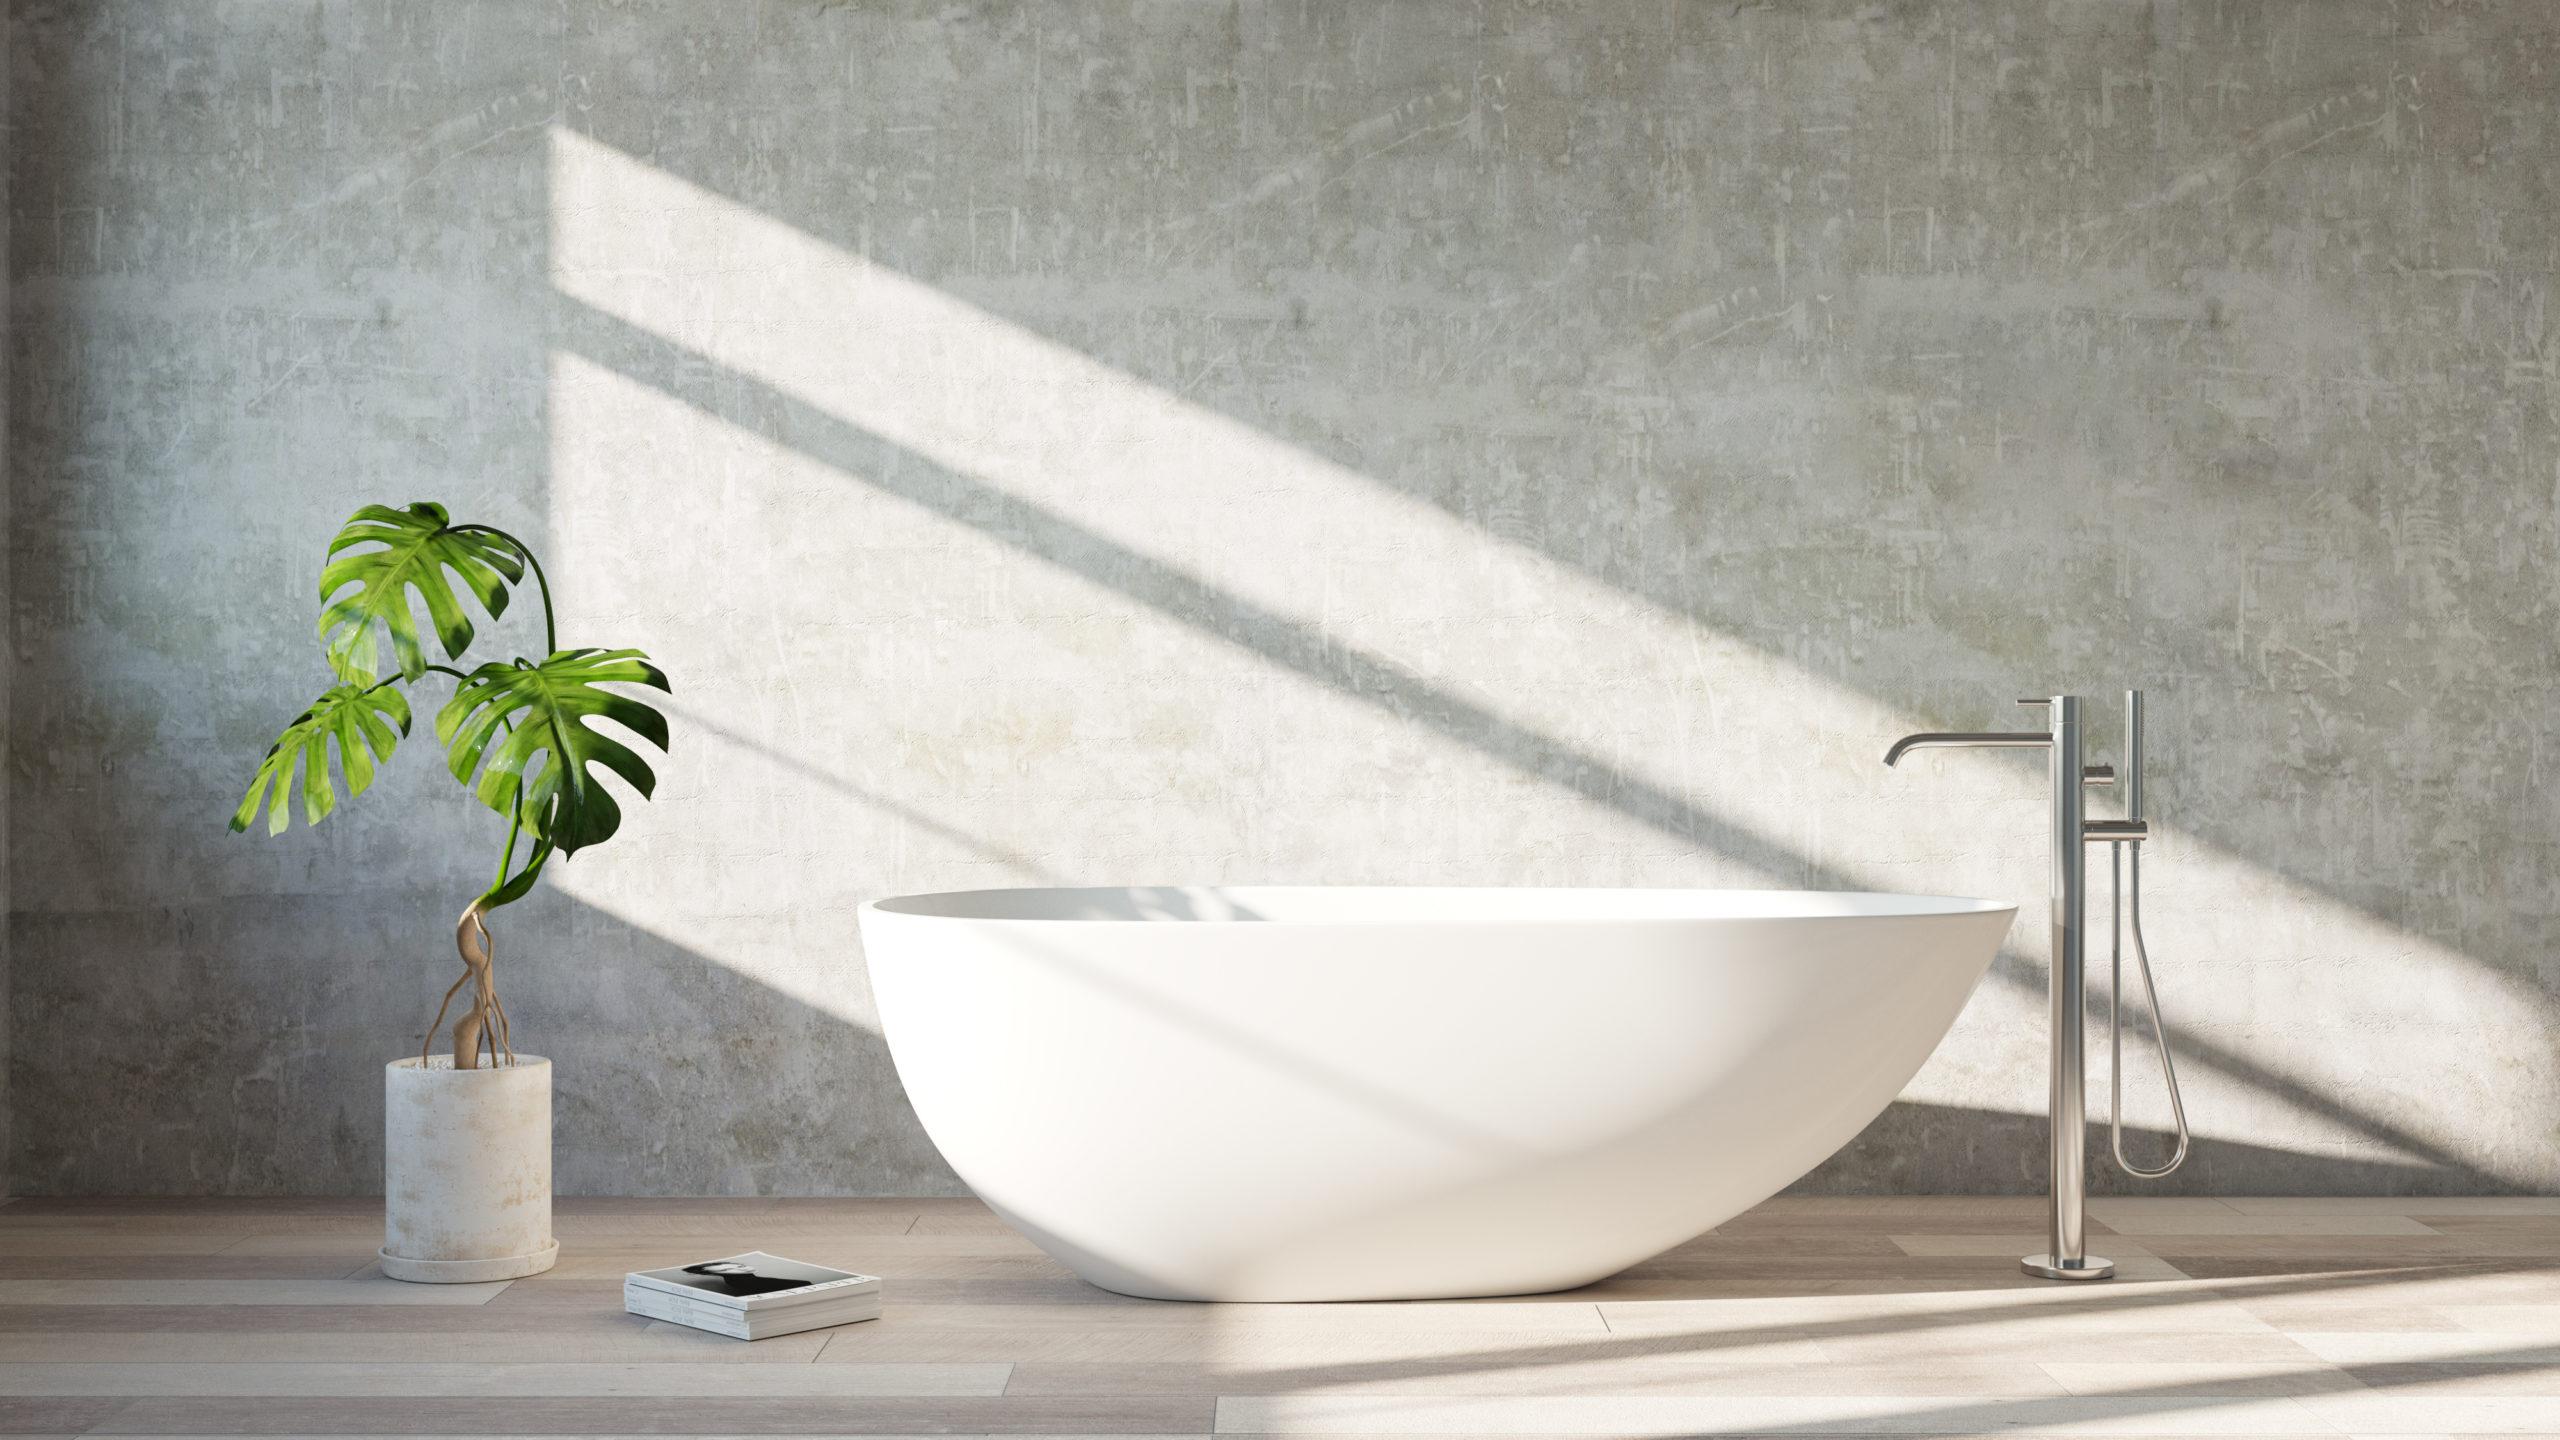 Comment Nettoyer Une Baignoire En Fonte Émaillée prix et pose d'une baignoire îlot - prix moyen & tarif de pose